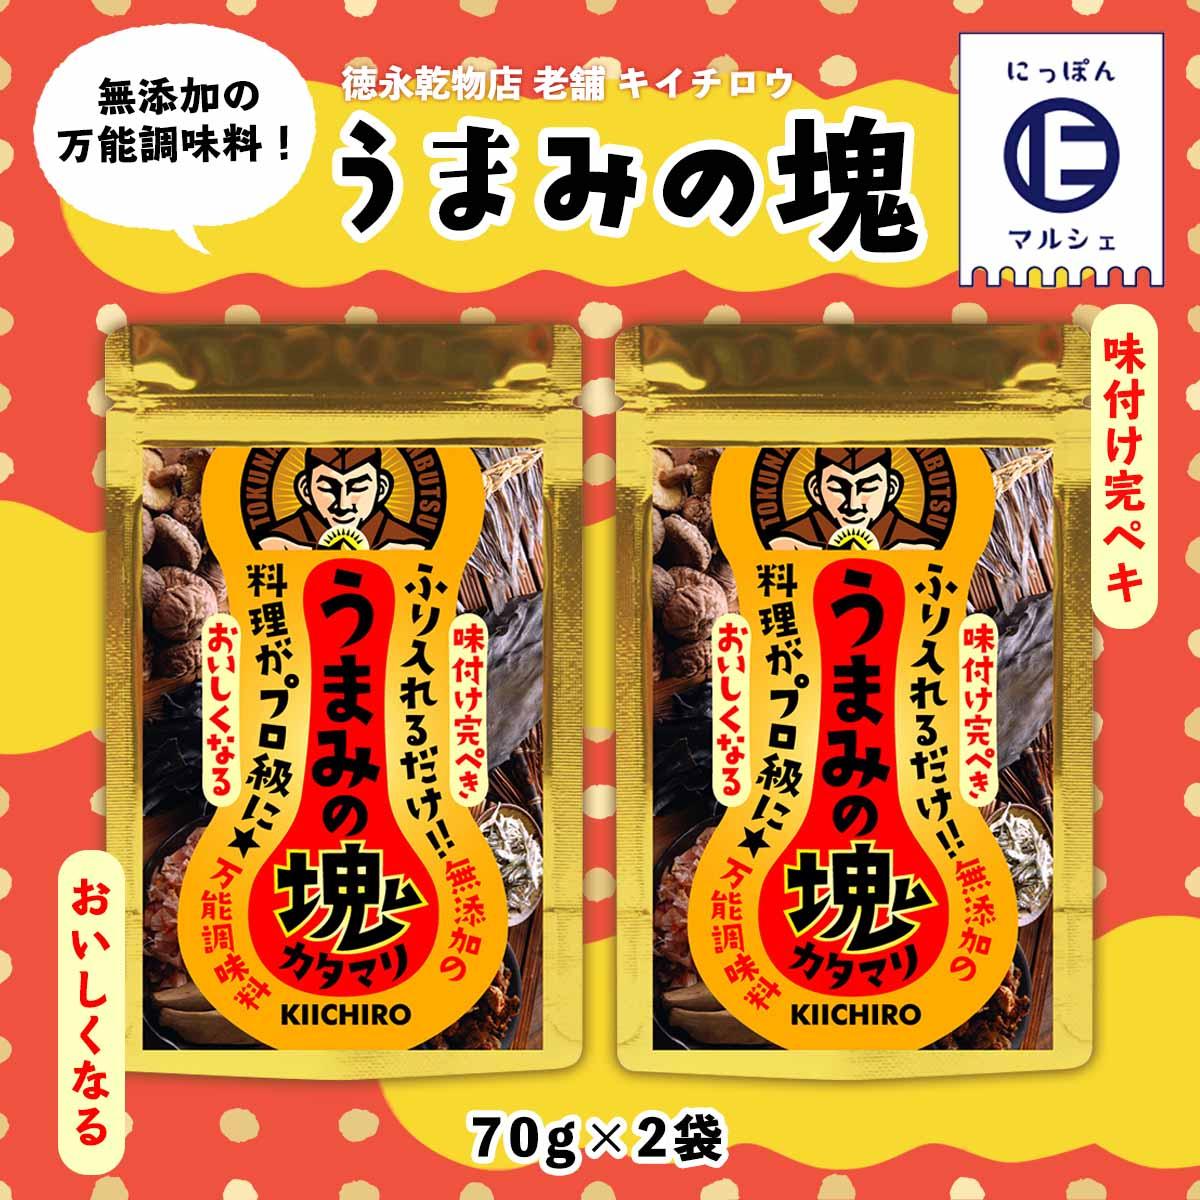 九州 福岡県 筑後 超人気 徳永乾物店 キイチロウ 老舗 70g×2 ご予約品 うまみの塊